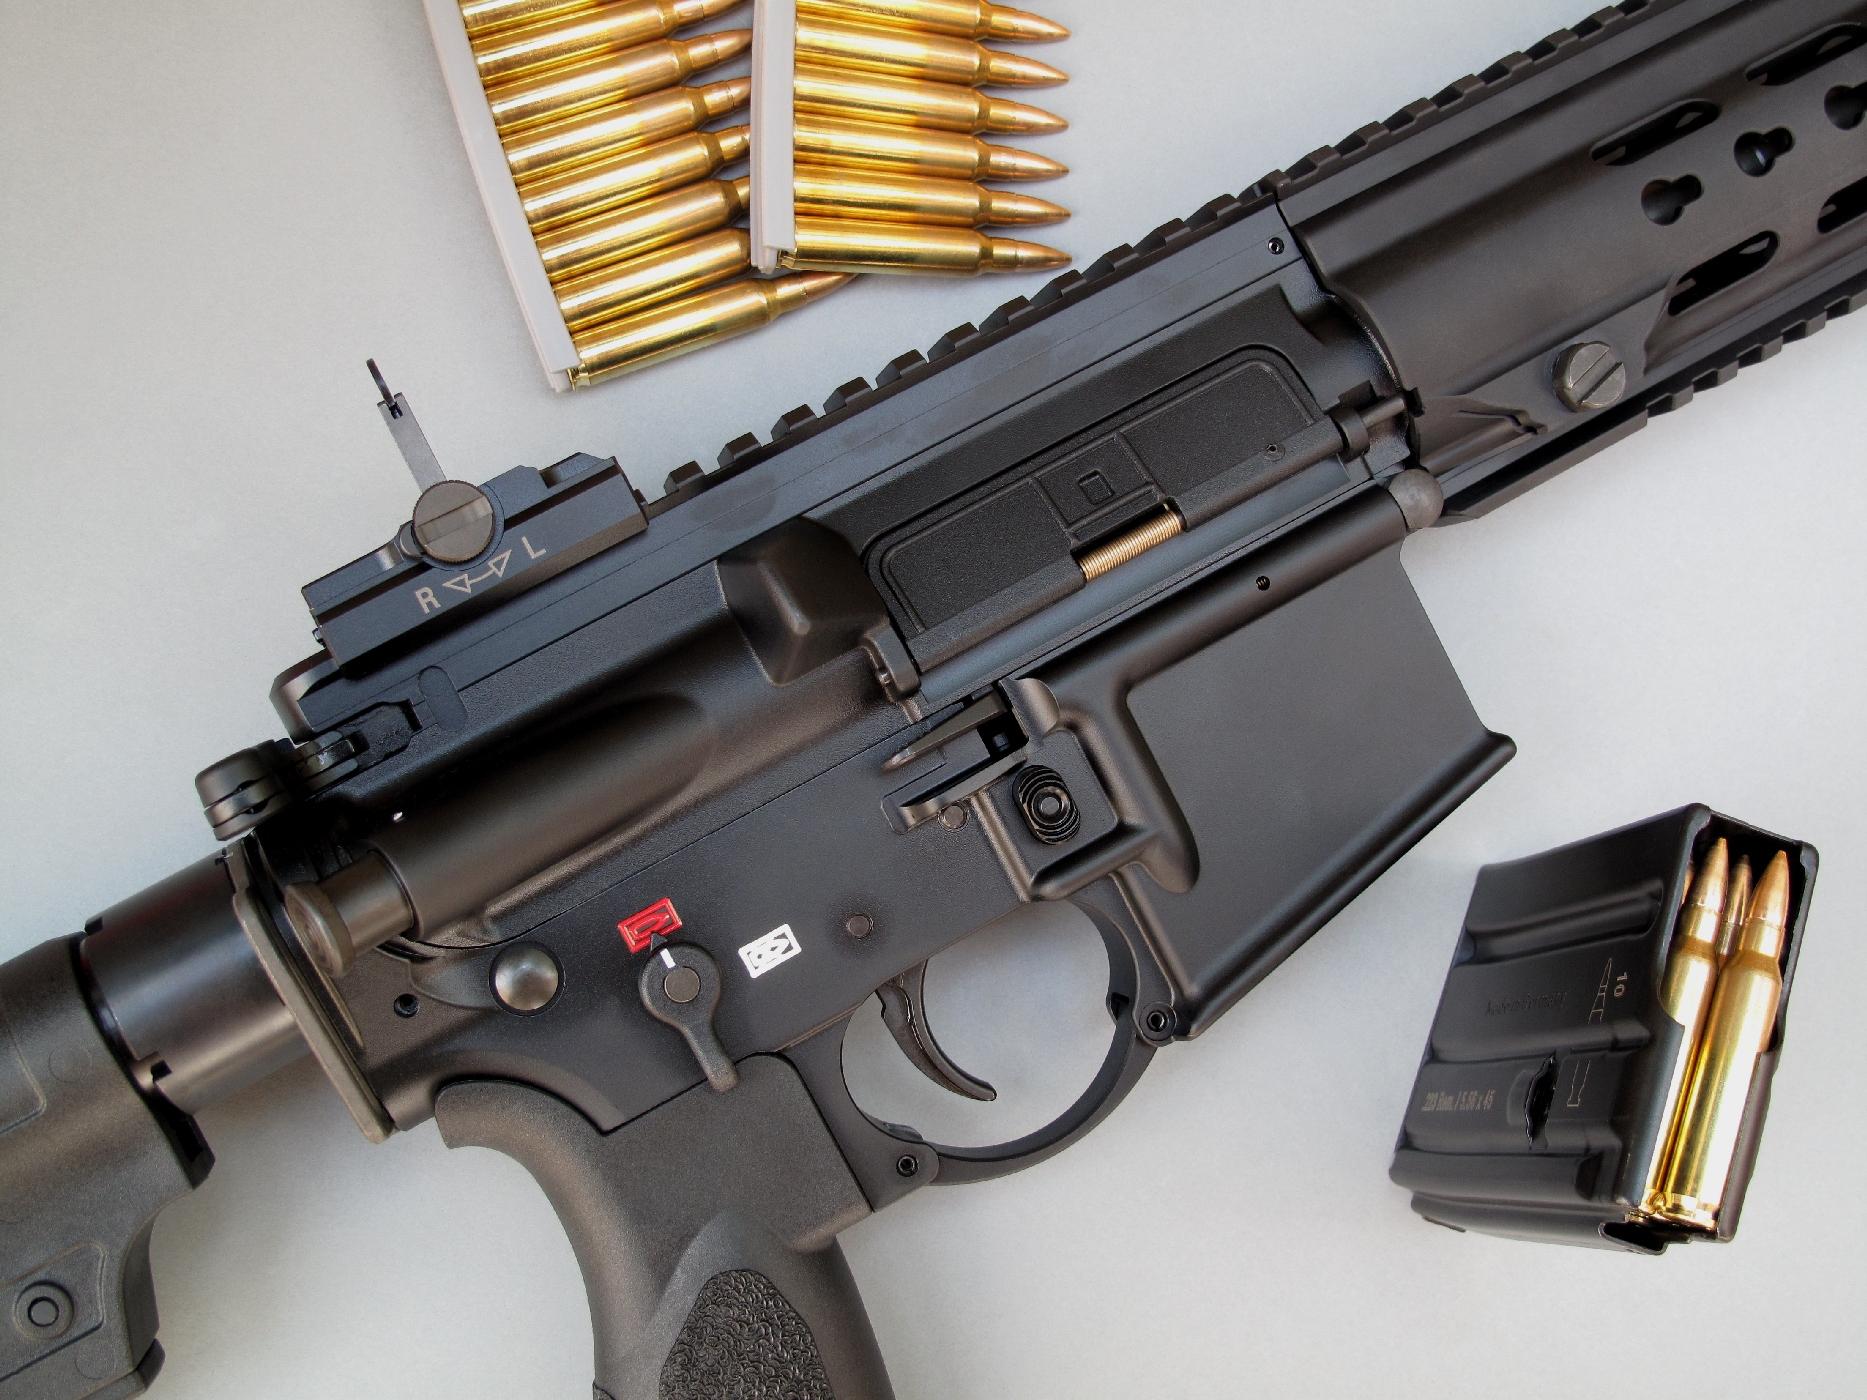 On notera la présence d'un poussoir d'aide au verrouillage (Forward Assist) et d'un volet de protection (Dust Cover) sur la fenêtre d'éjection, deux éléments directement issus du fusil d'assaut américain M16.